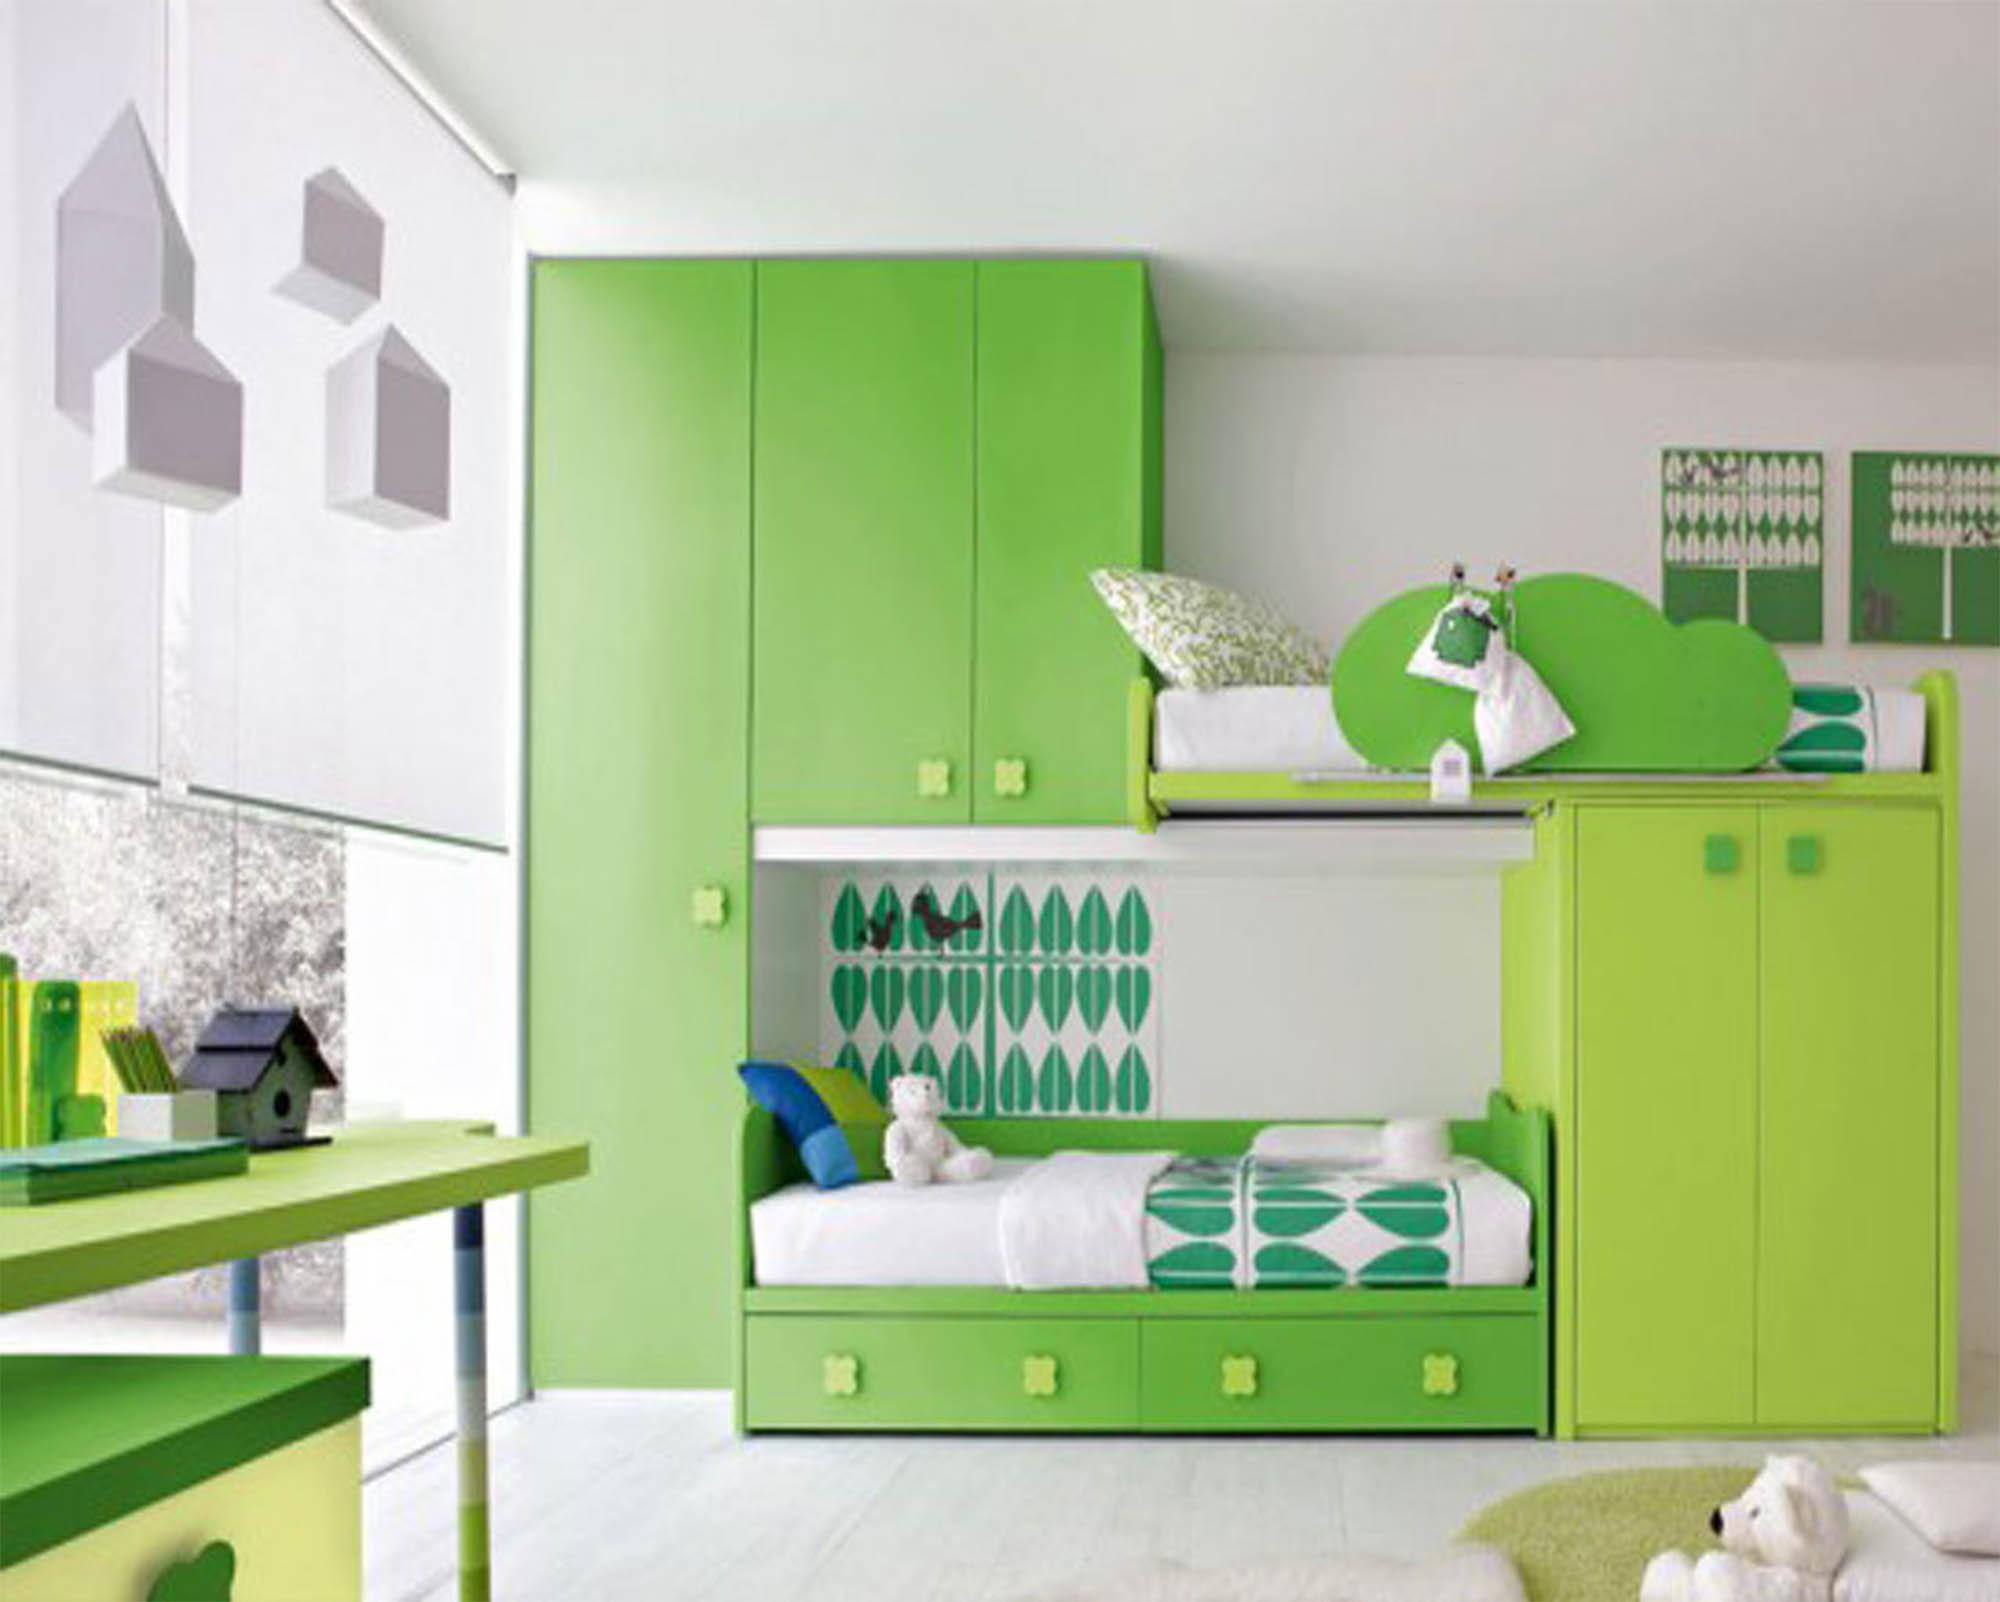 Ý nghĩa màu sắc xanh trong thiết kế trang trí nội thất